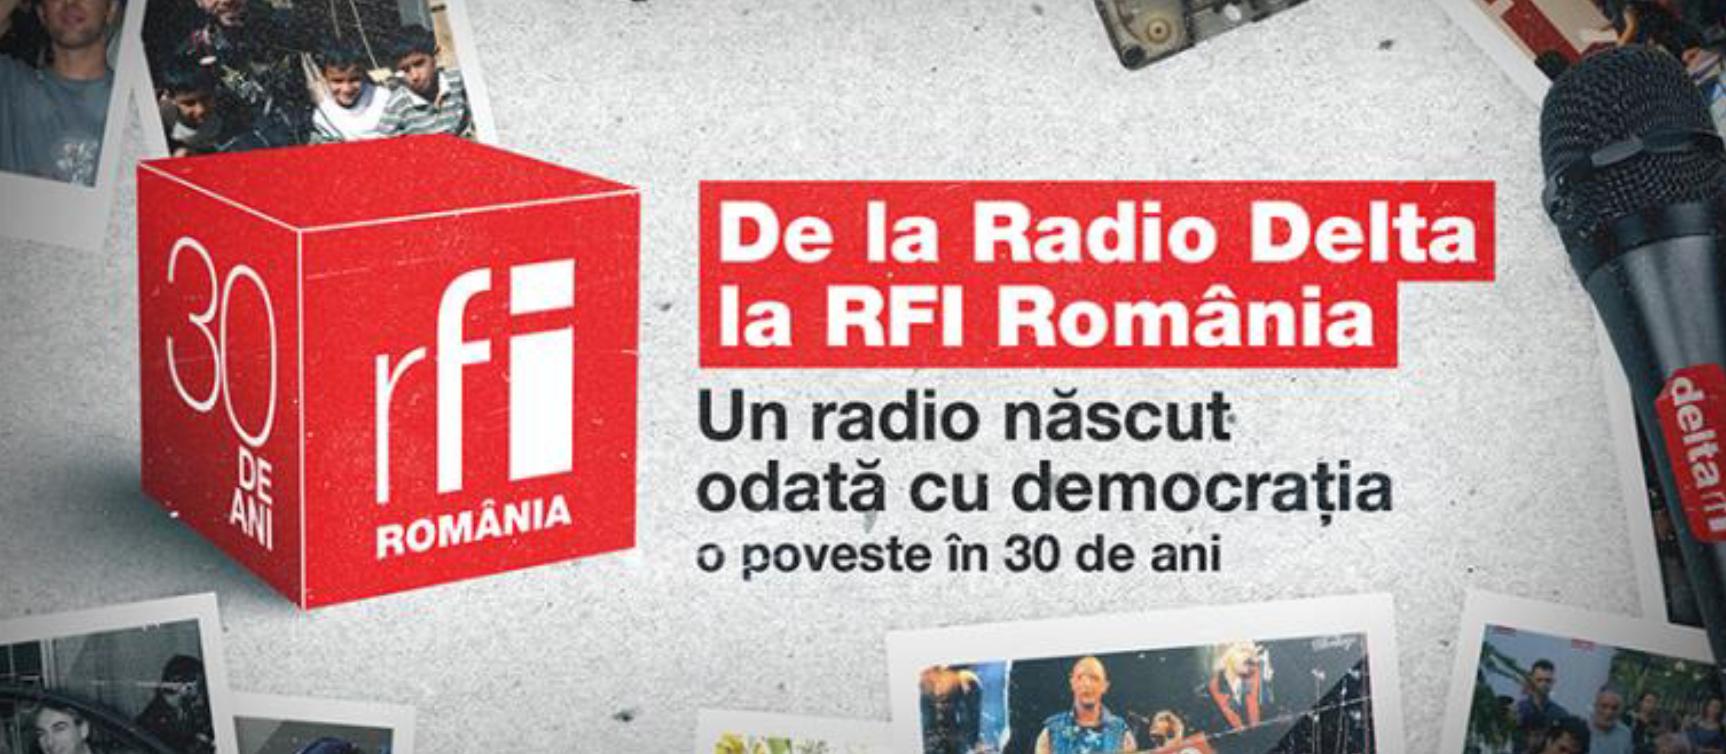 RFI România a 30 ans